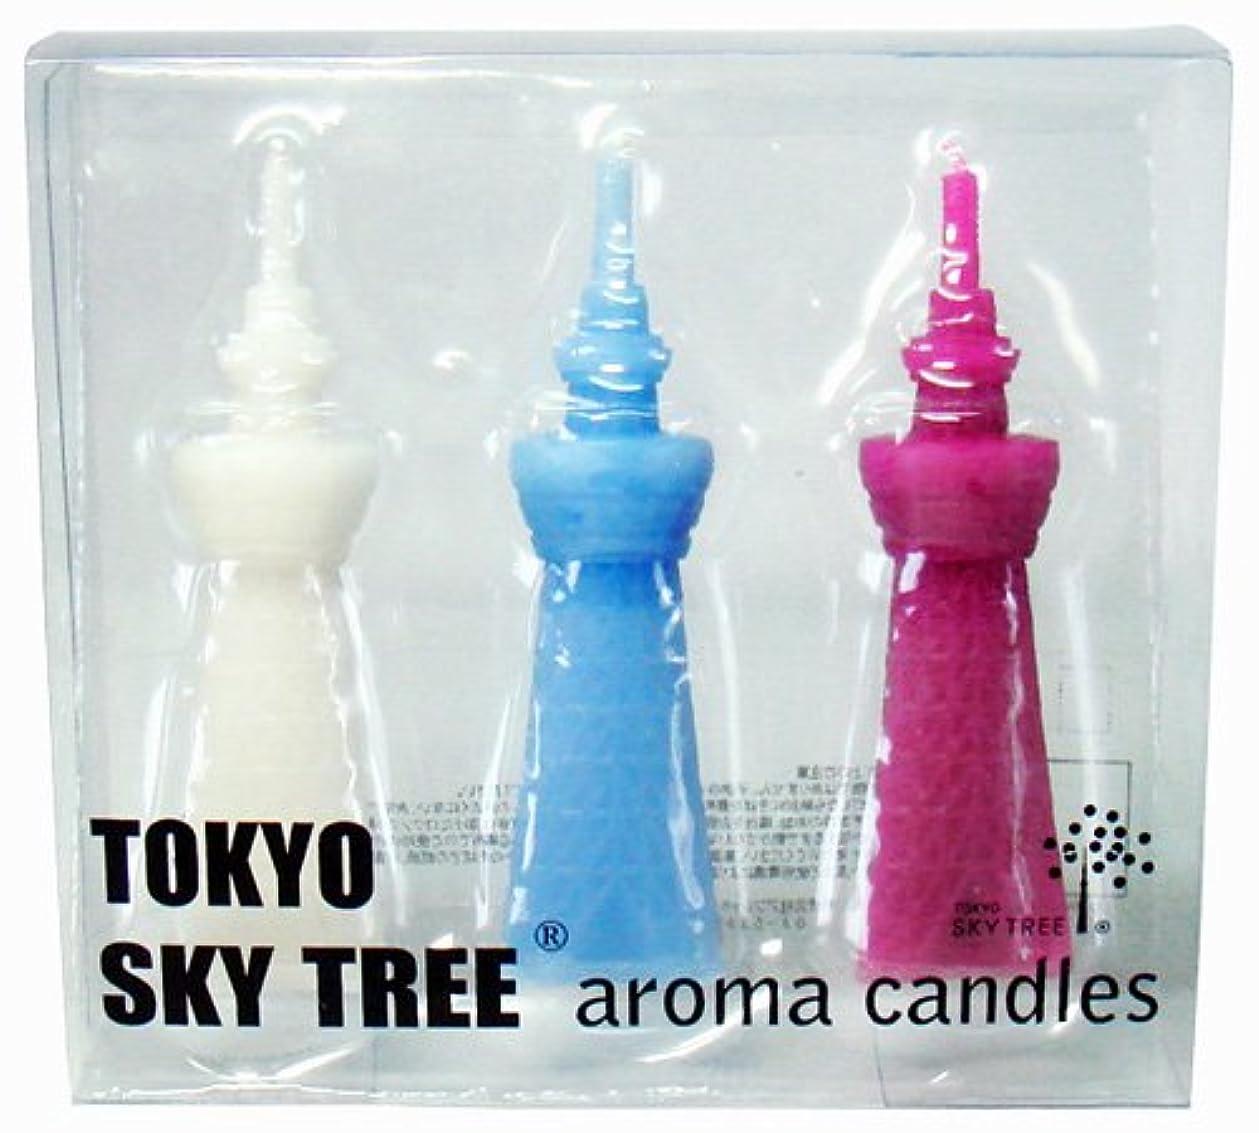 抵当エンコミウム明確な東京スカイツリー(R) アロマキャンドル3本セット